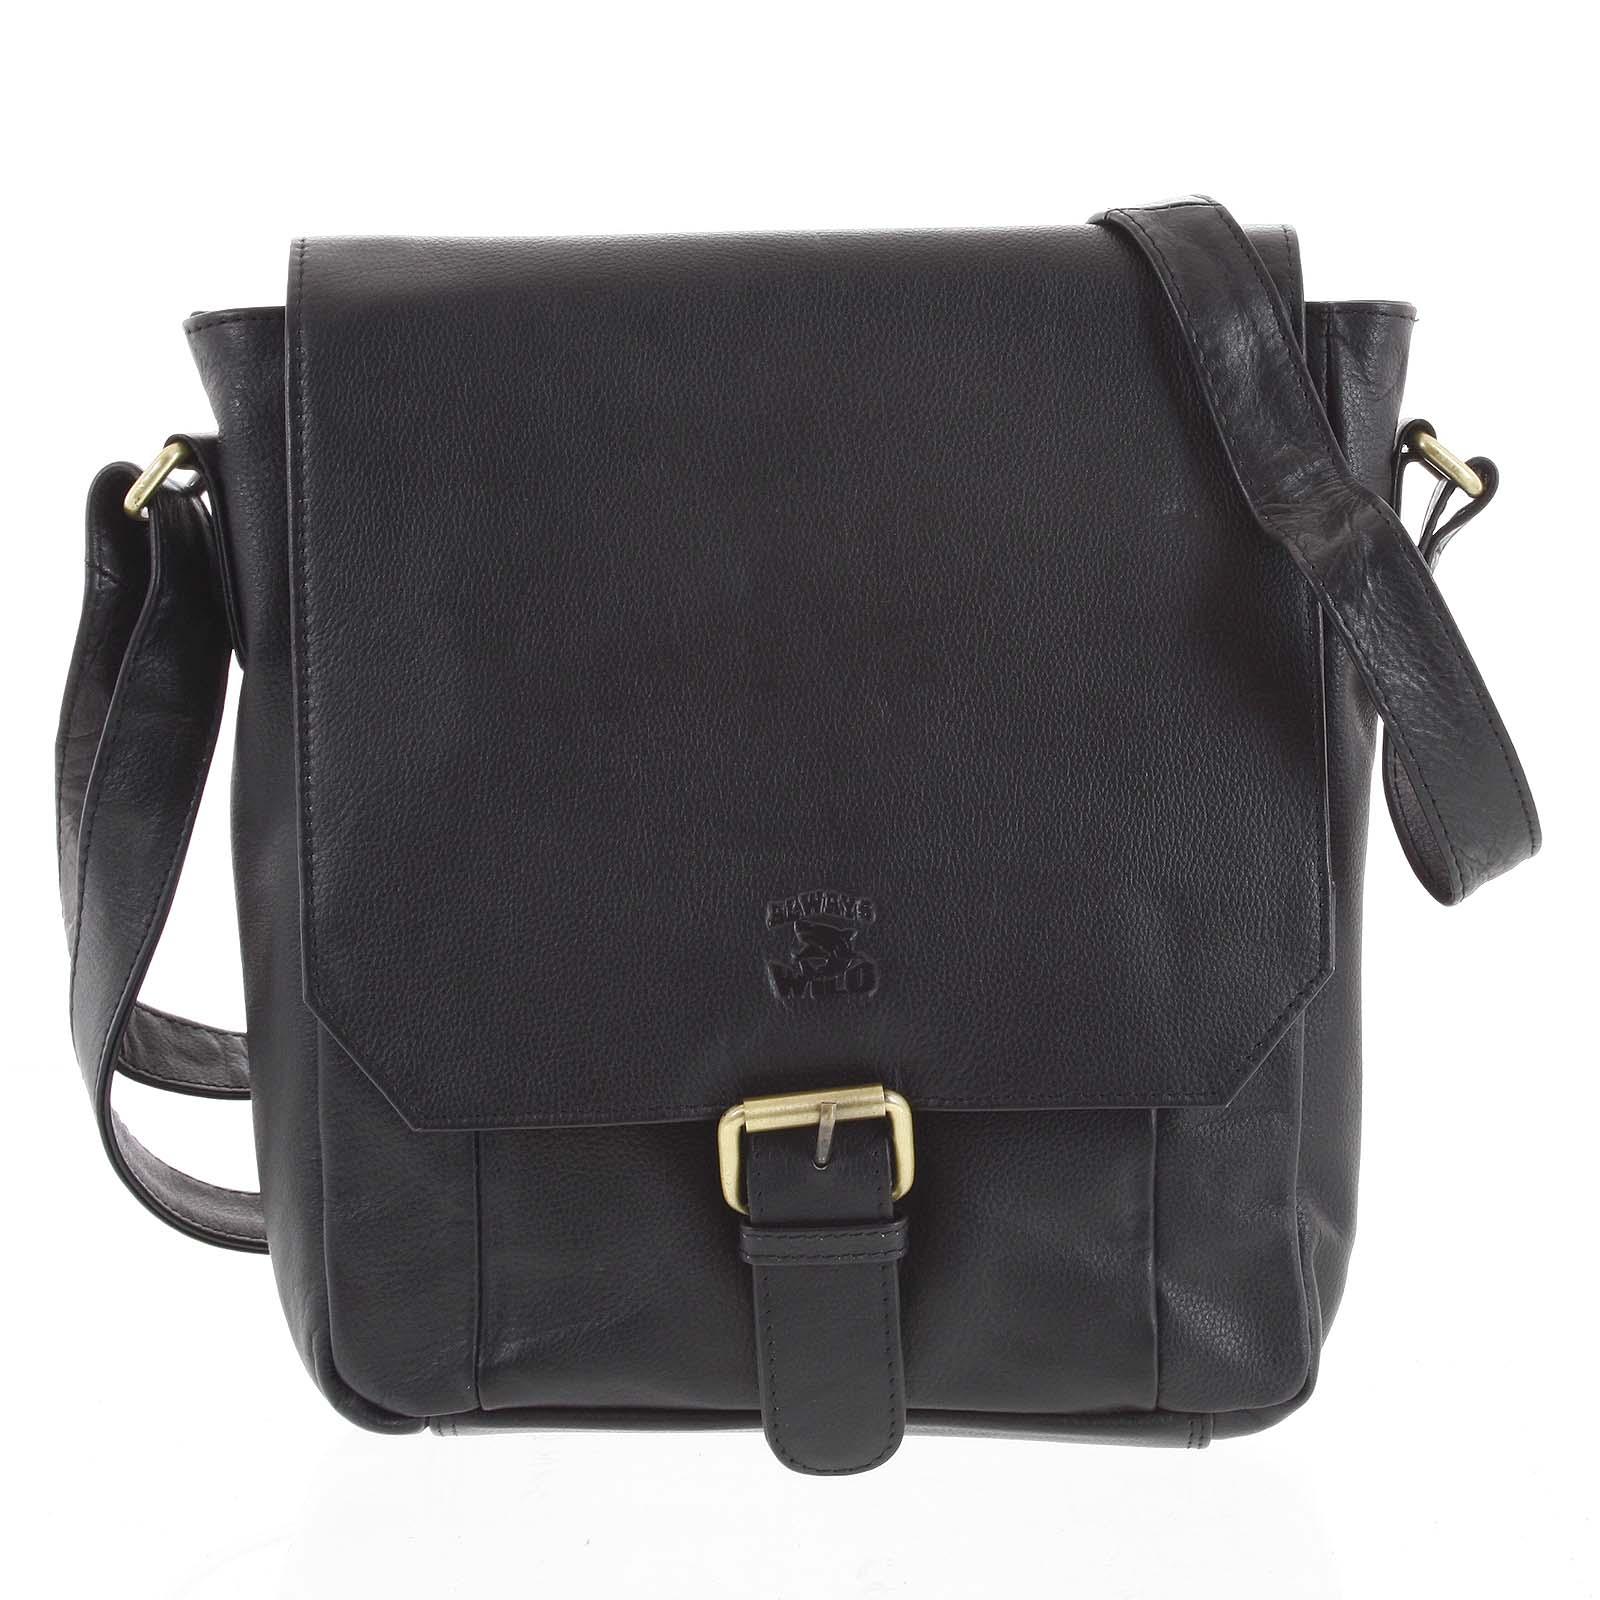 Pánska kožená taška čierna - WILD Janison